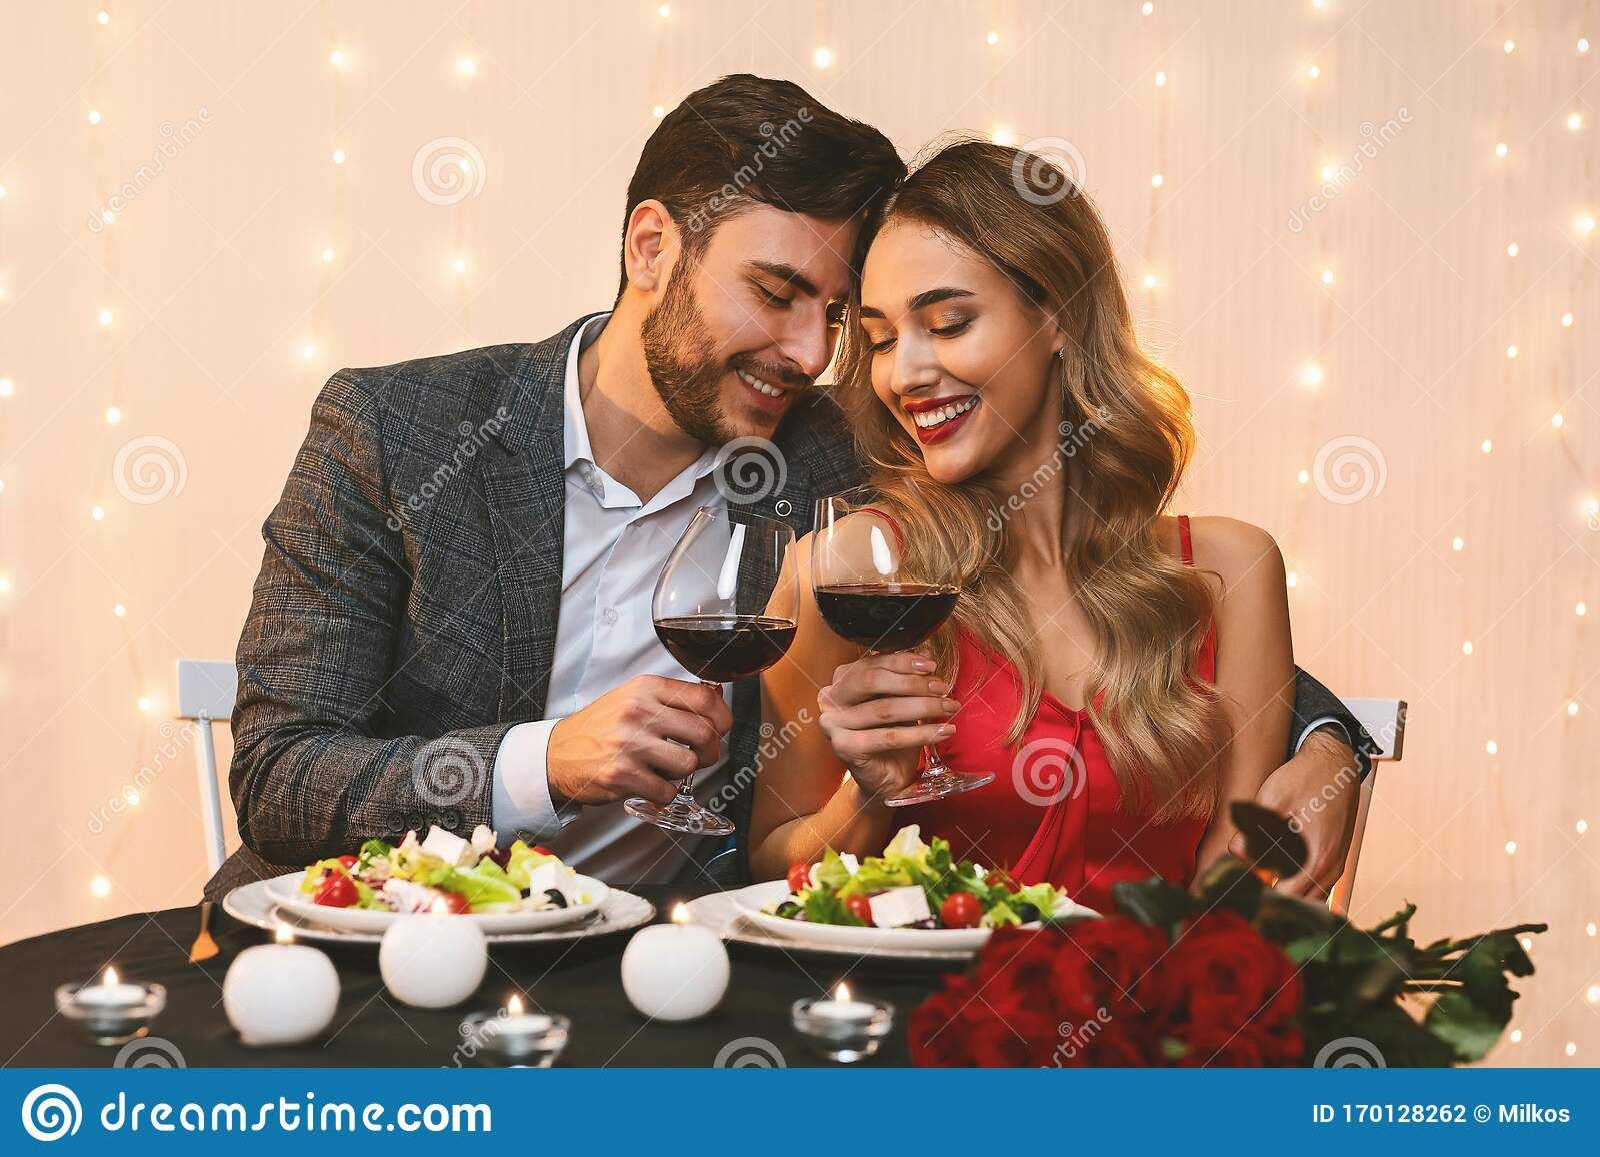 romantisk dejt tvååker)